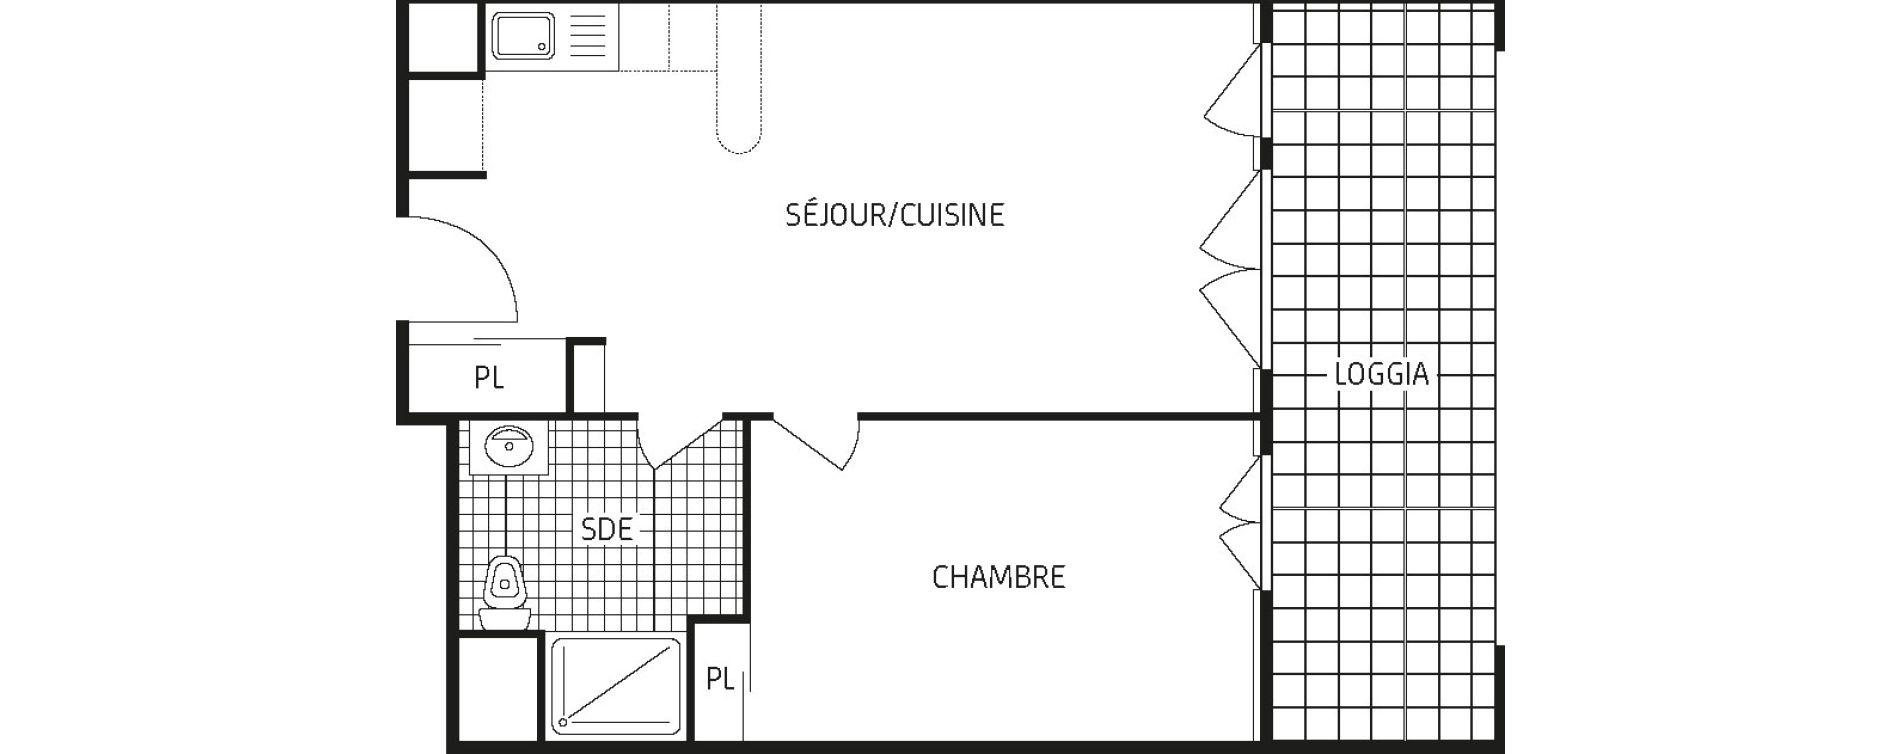 Appartement T2 de 42,87 m2 à Amiens Intercampus